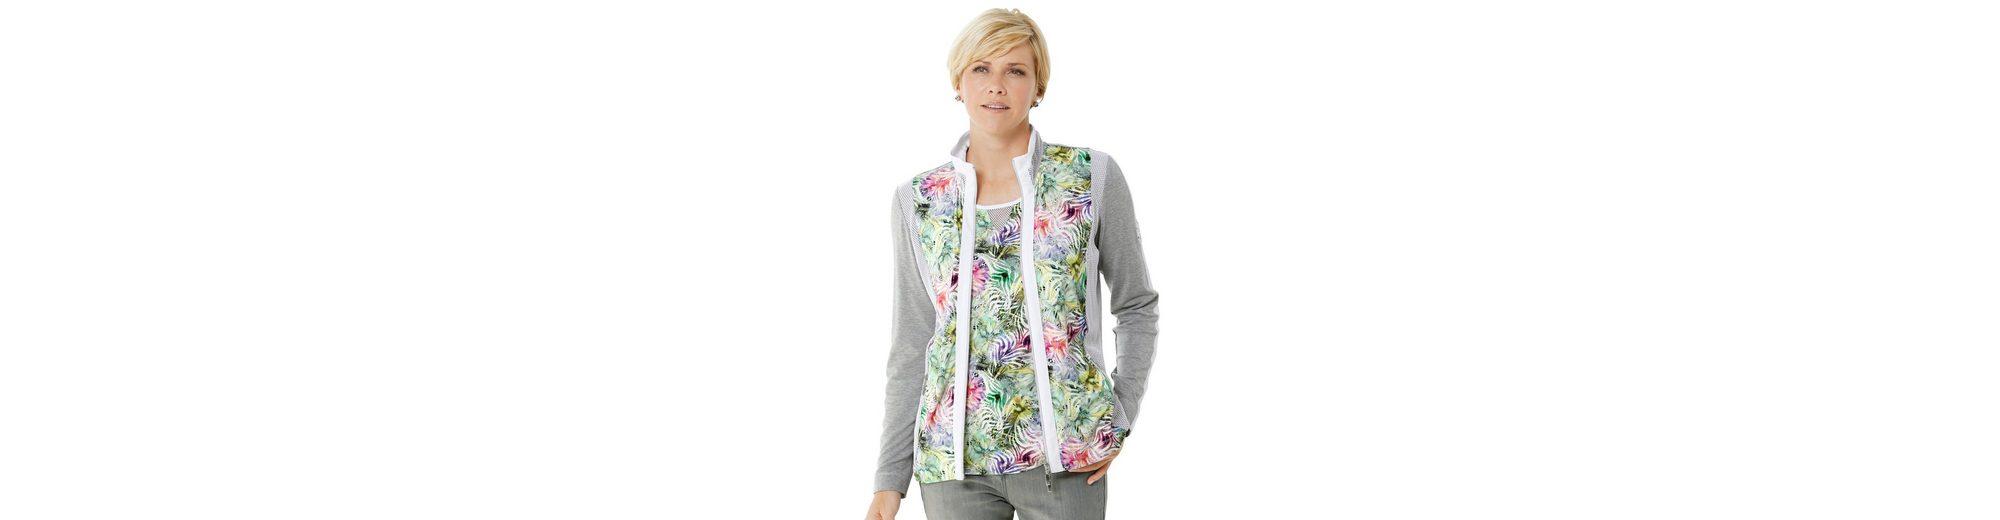 Mona Shirtjacke Niedriger Preis Zu Verkaufen Zum Verkauf Online-Shop NIZORzXx